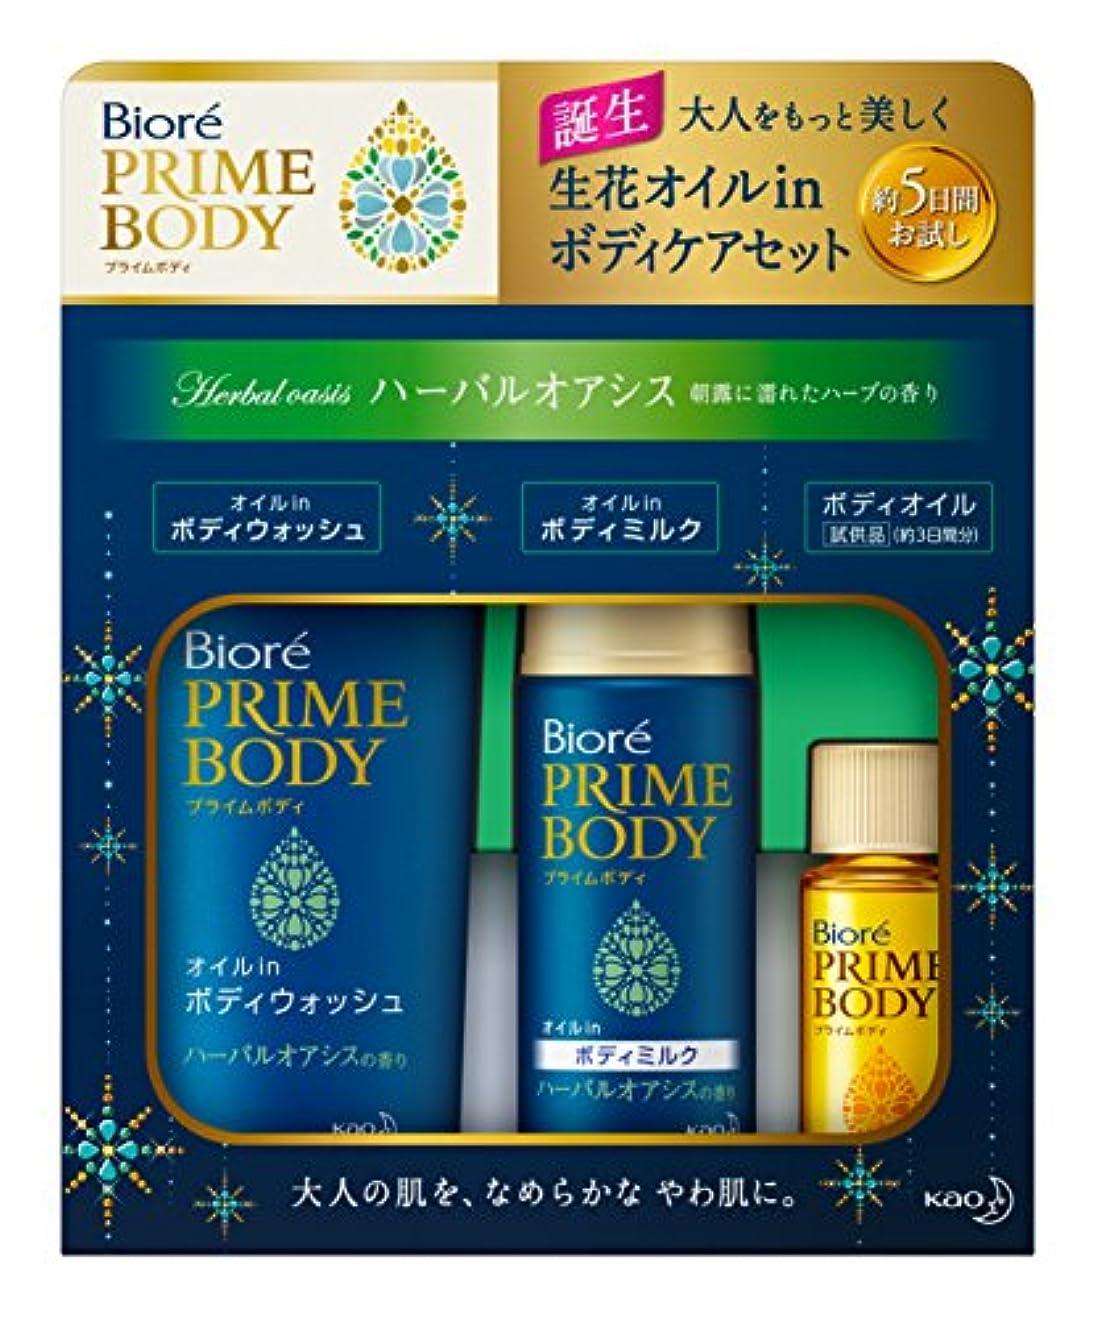 凝視明るい財団ビオレ プライムボディ 5日間お試しセット ハーバルオアシスの香り 83ml